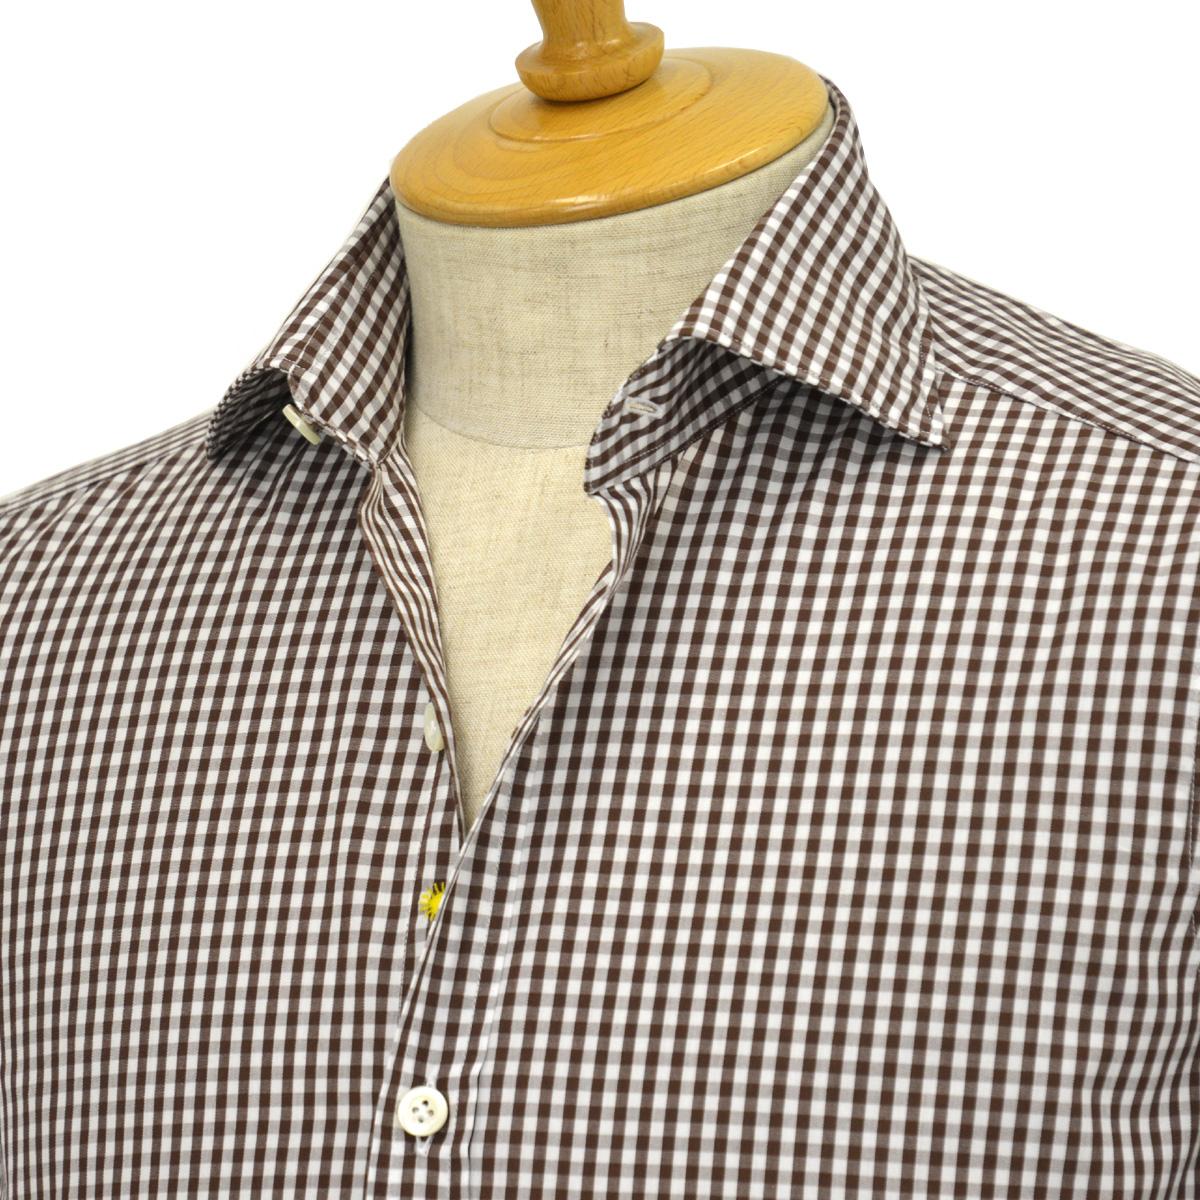 Giannetto【ジャンネット】ギンガムチェックシャツ VINCIFIT 8G26837V81 004 コットン ブラウン